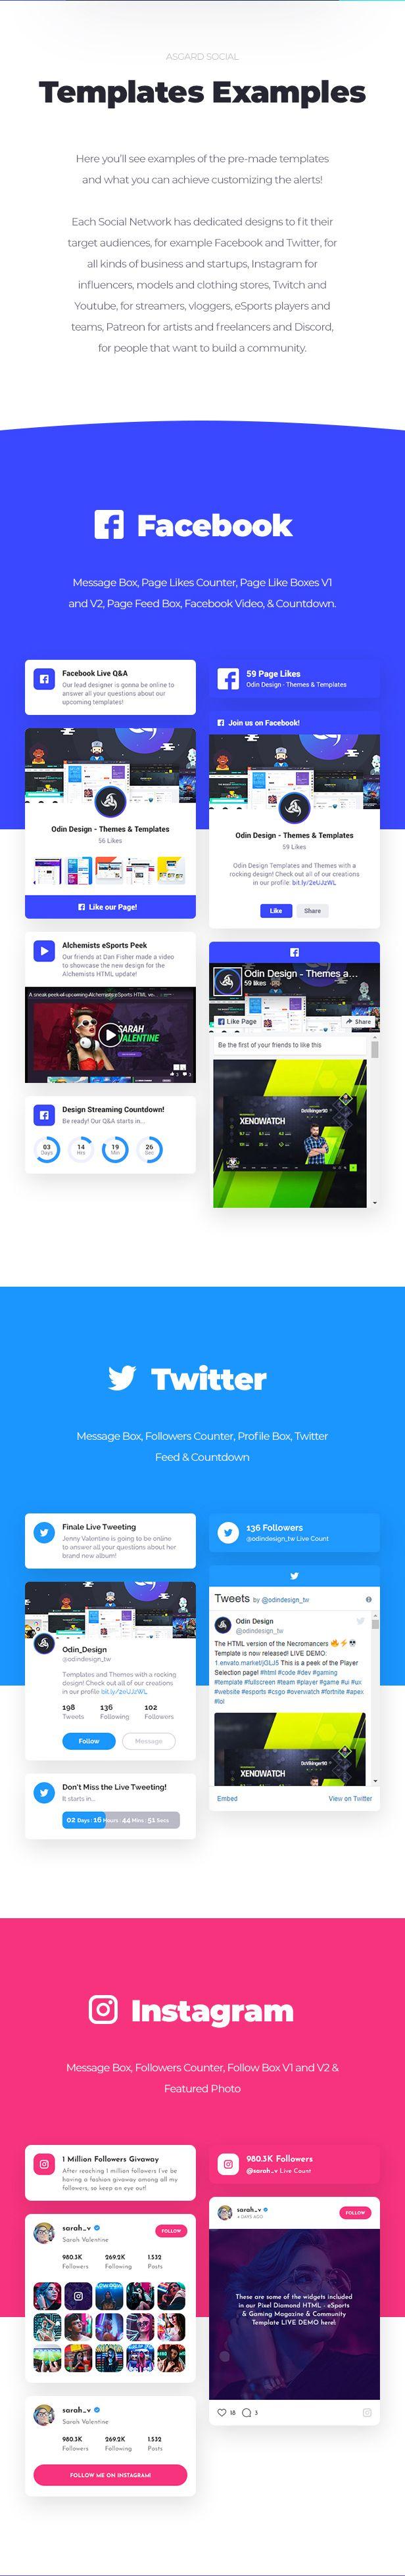 Asgard - Sosyal Medya Uyarılar ve Yemler WordPress Oluşturucu - Facebook, Instagram, Twitch ve daha fazlası! - 14